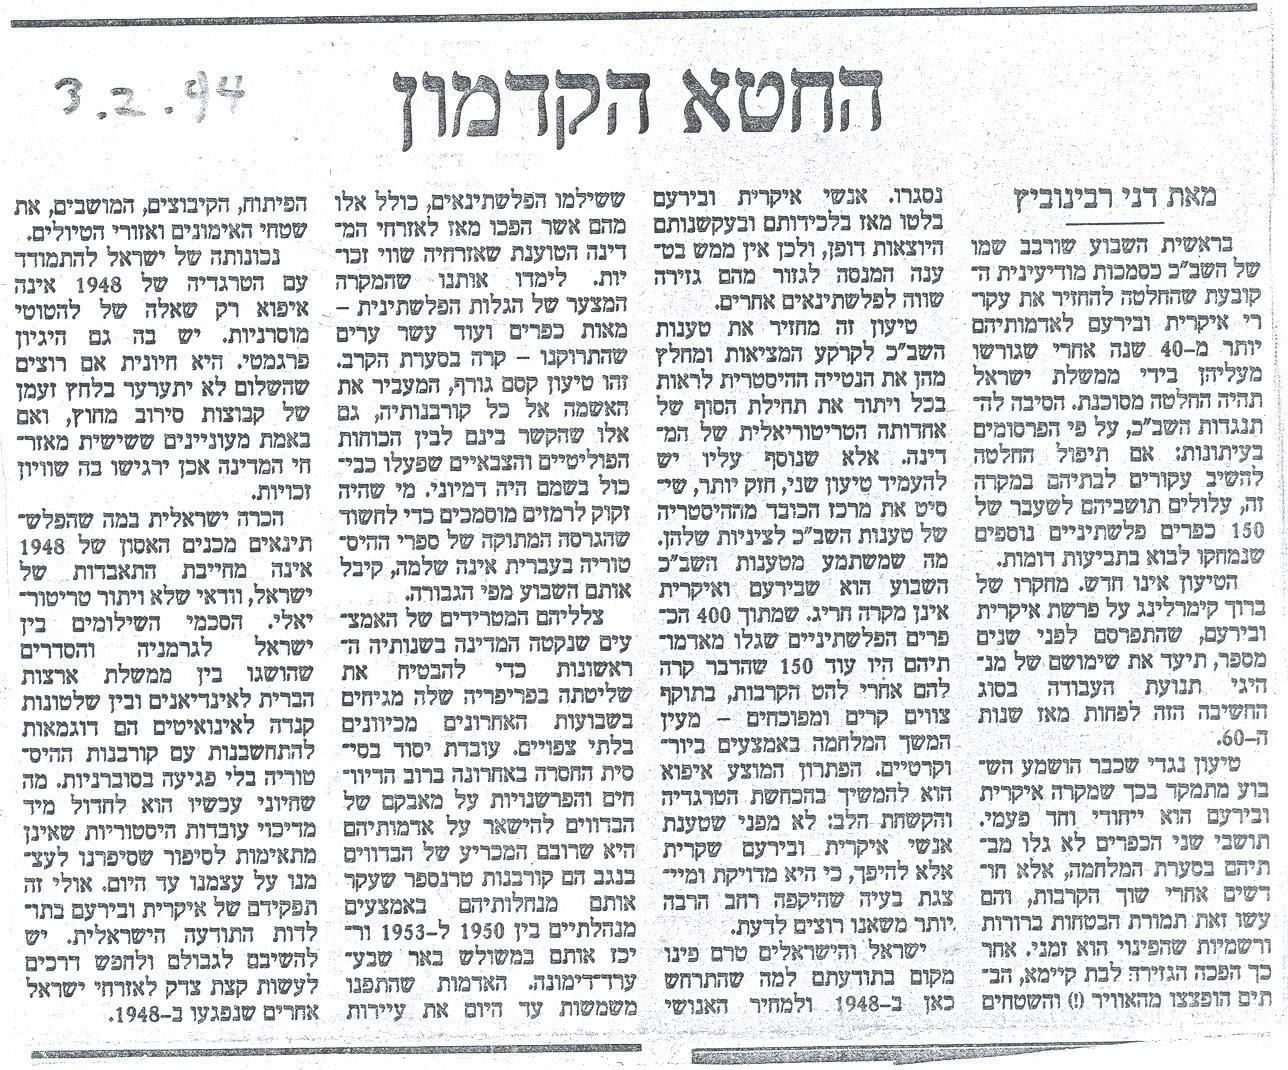 OP-ED - Dan Rabinowitz